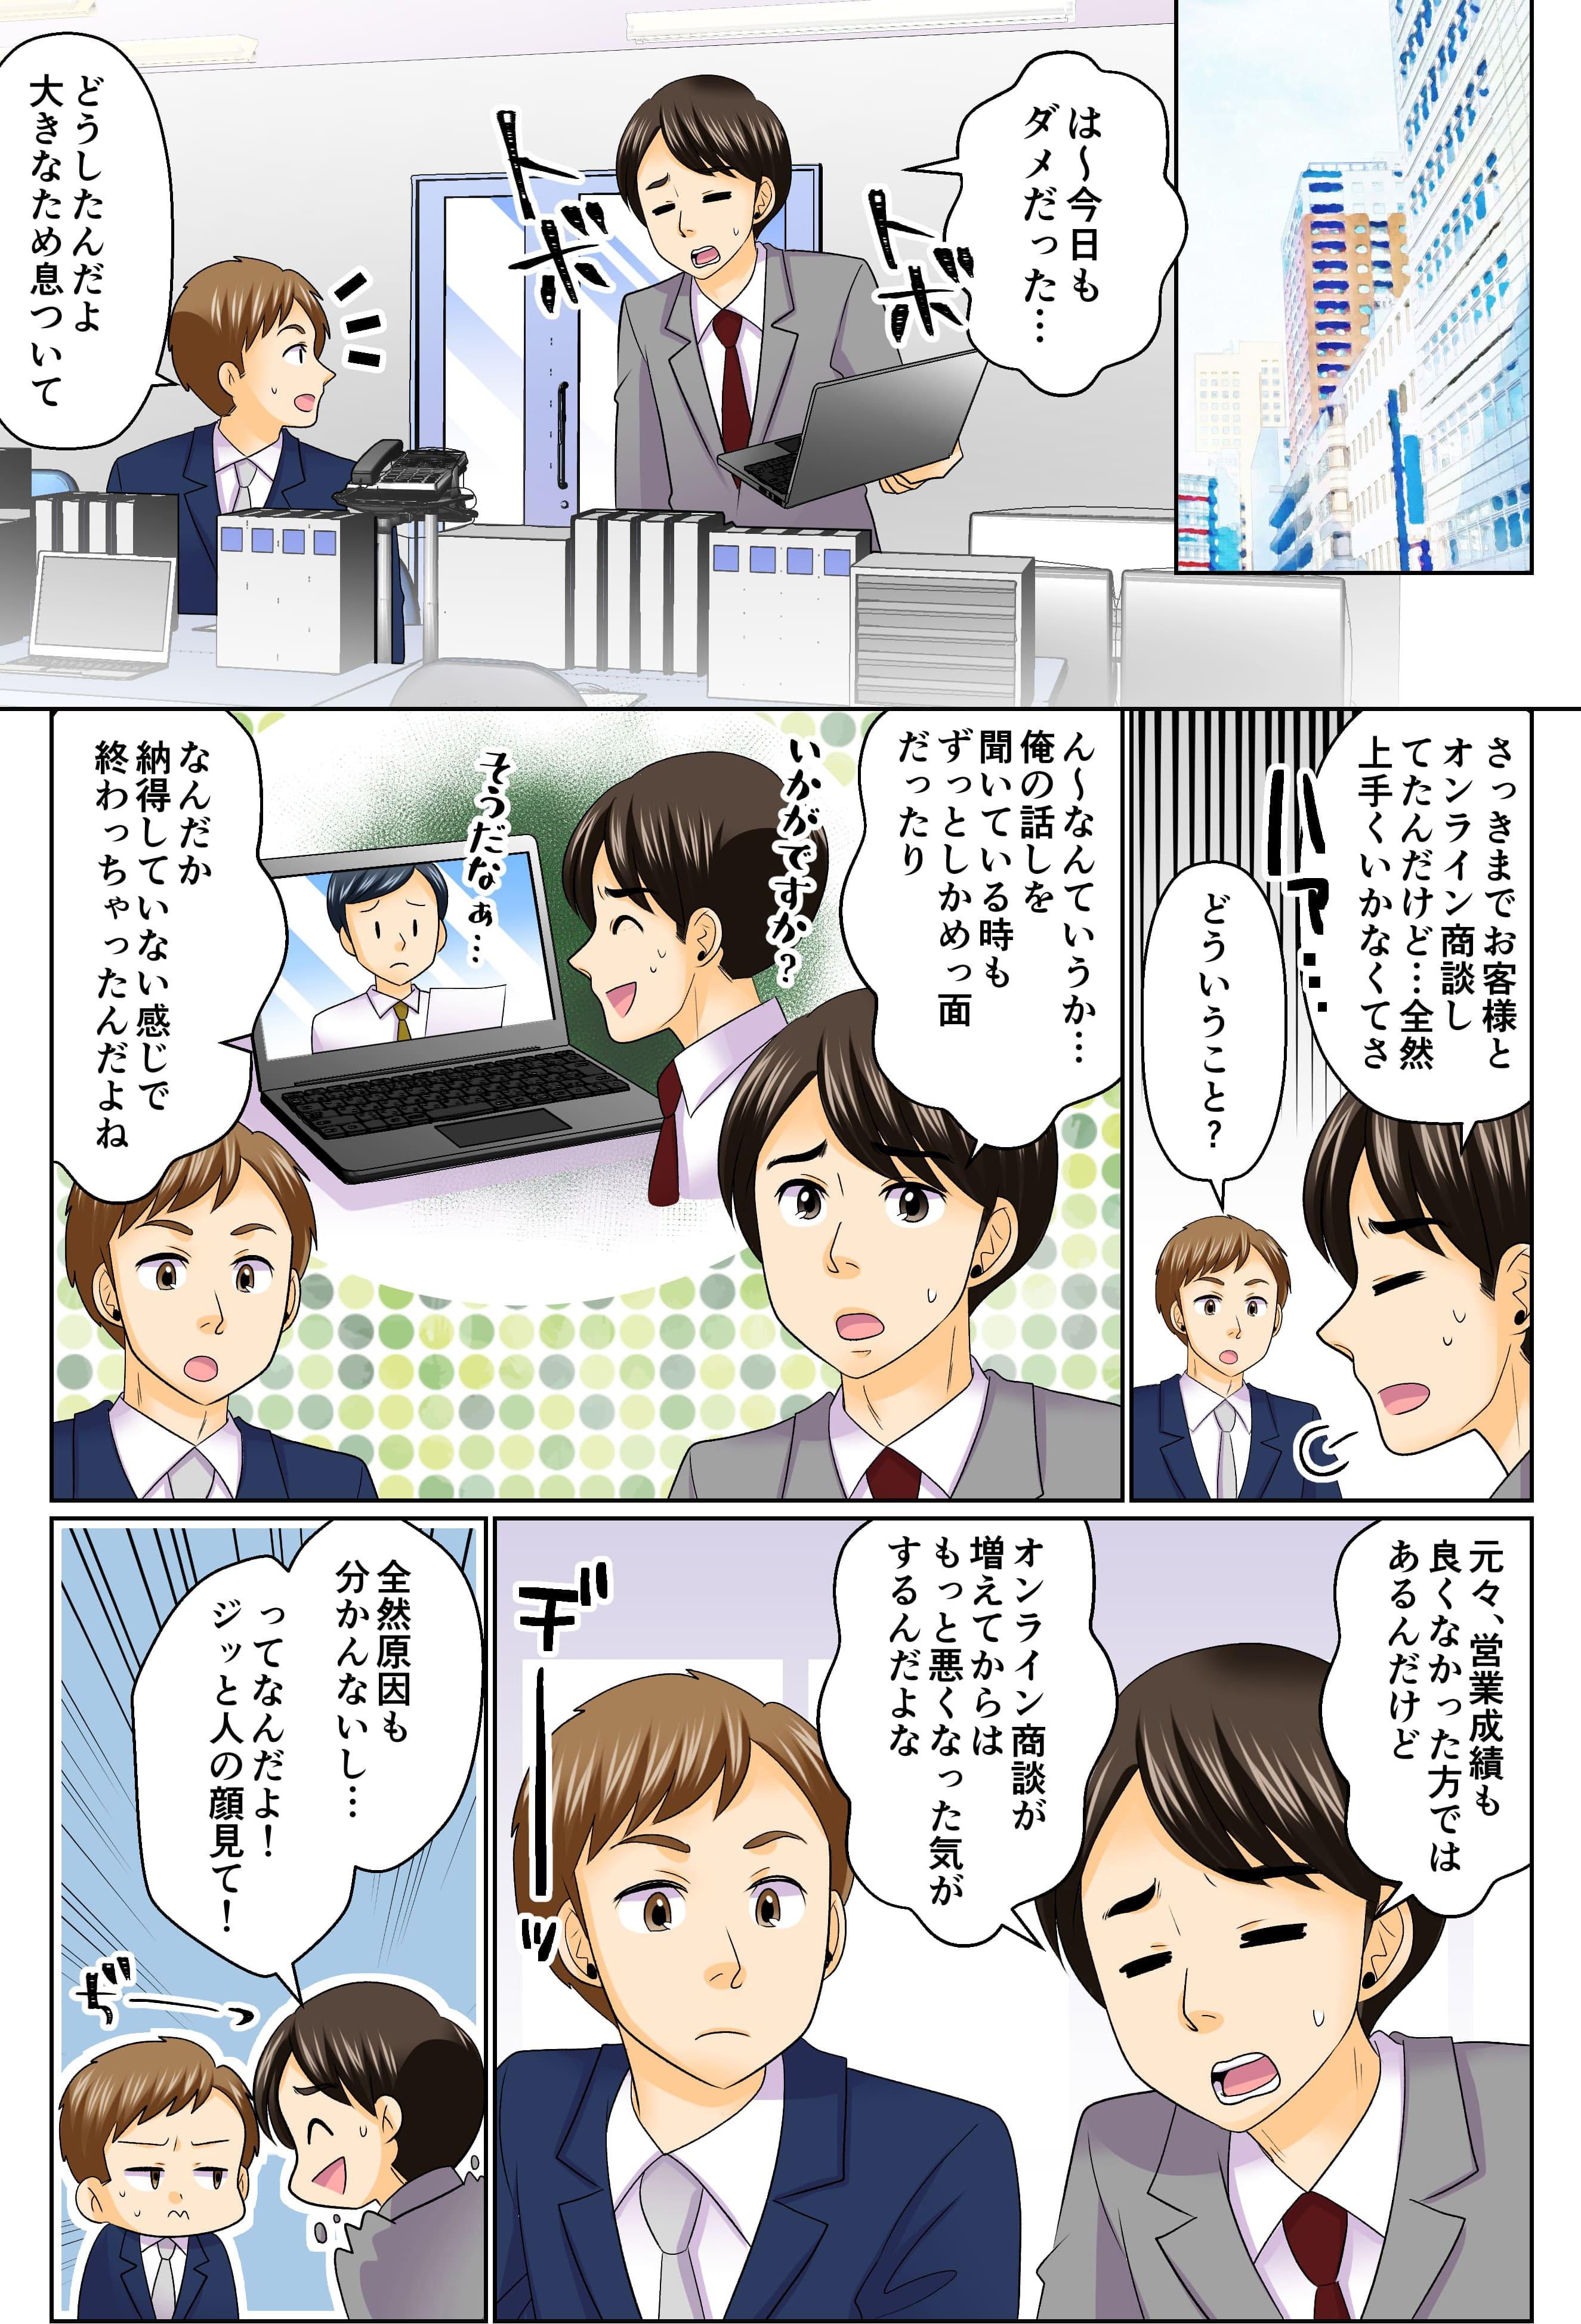 眉毛施術【オンライン商談】1